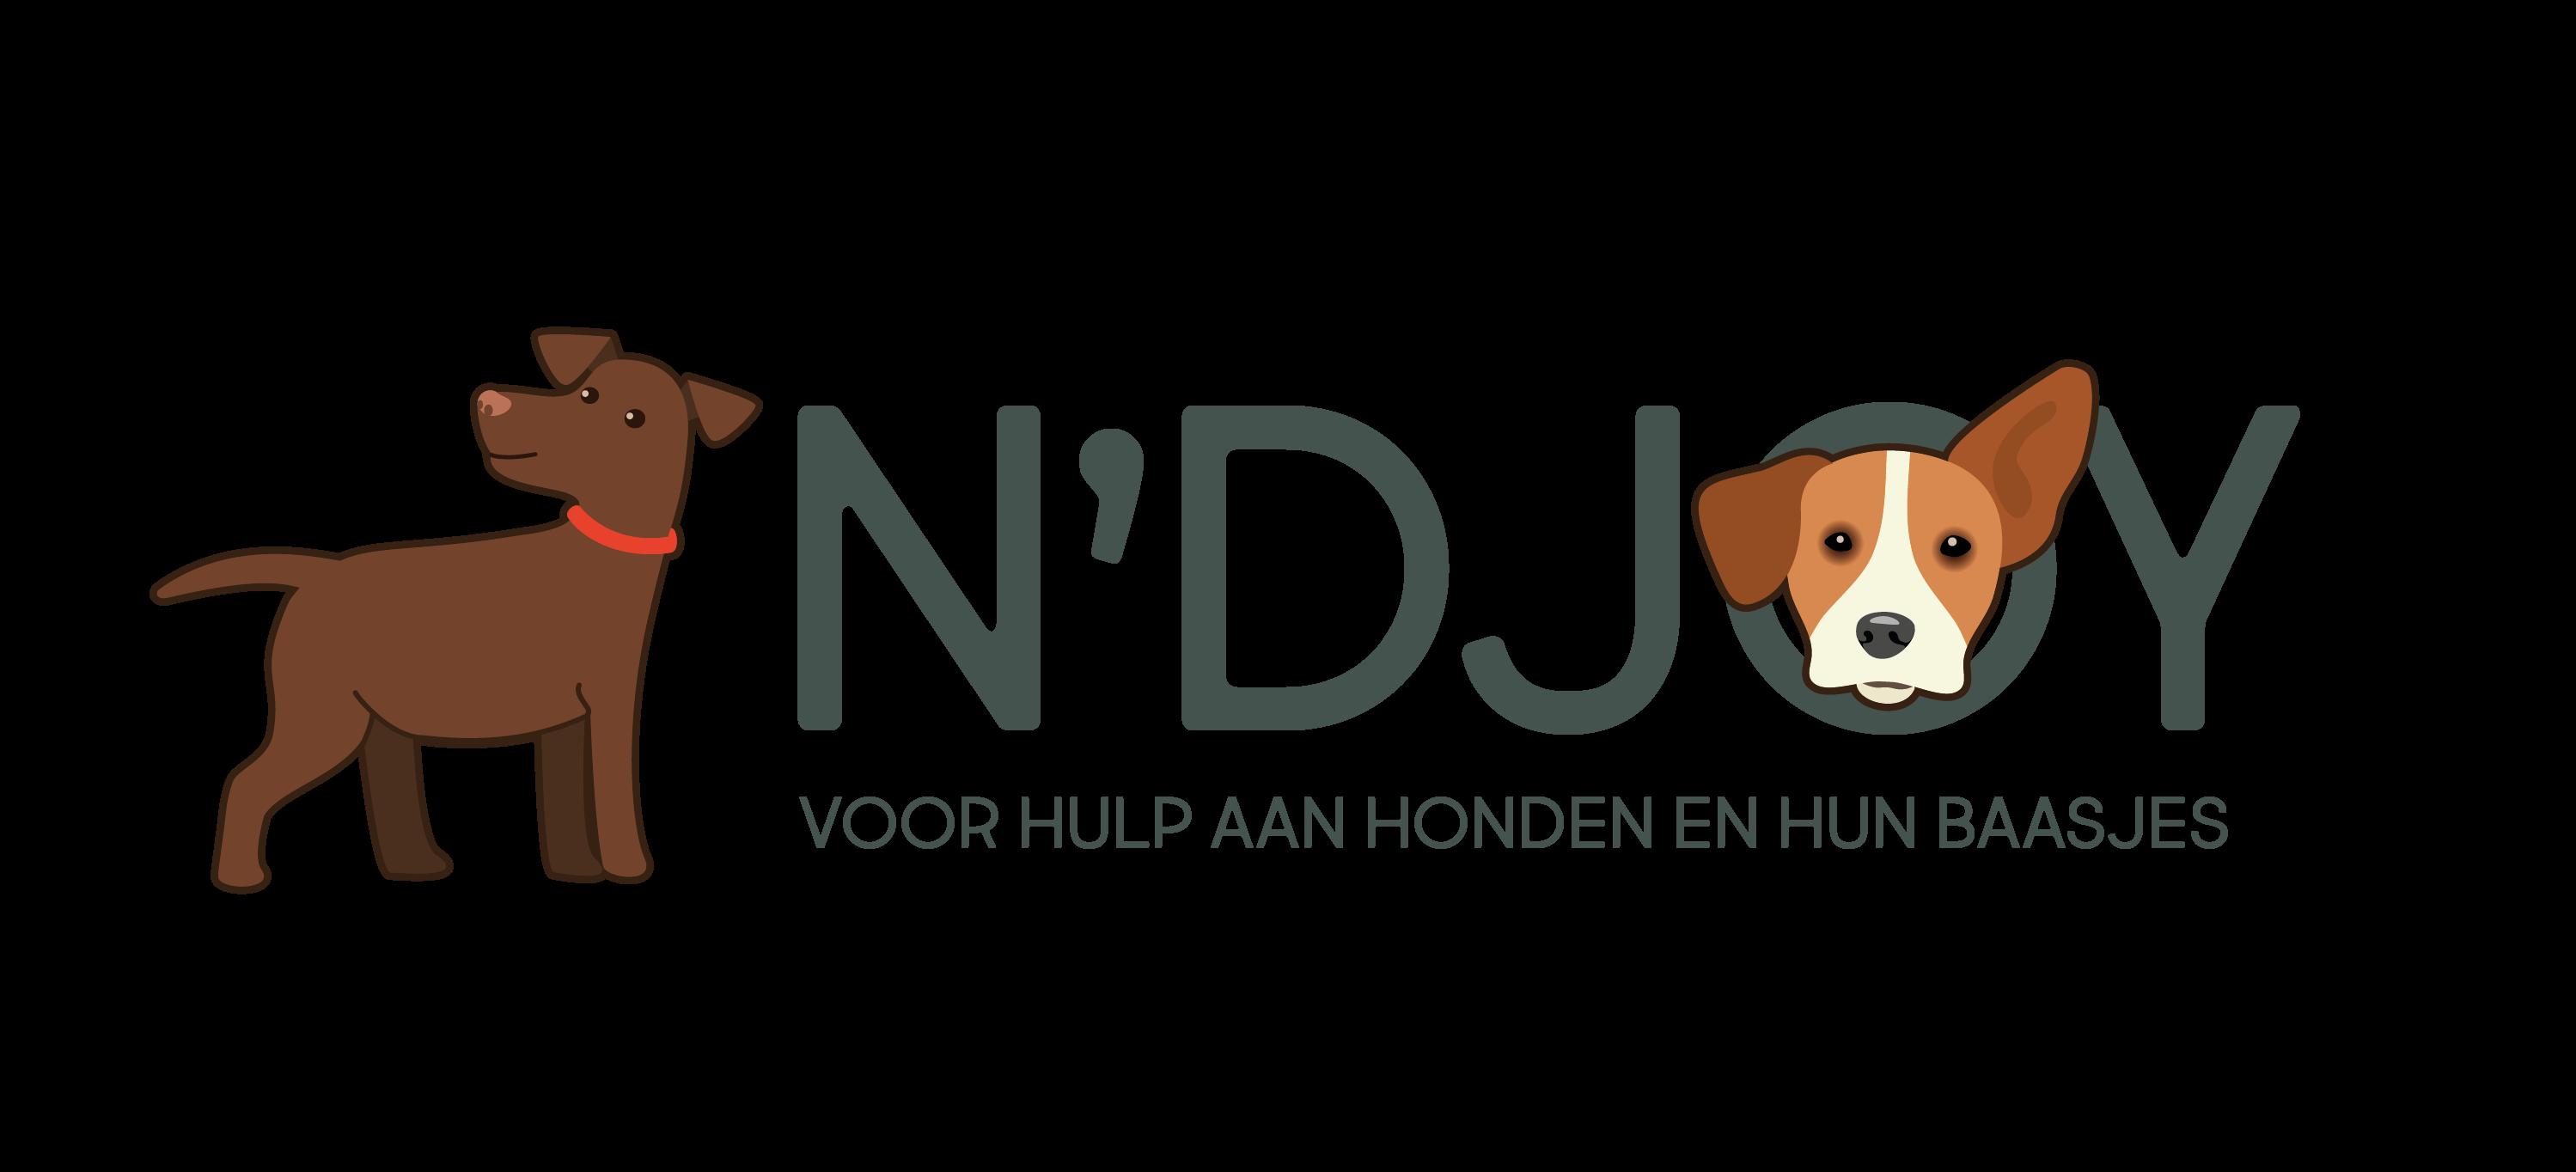 N'Djoy